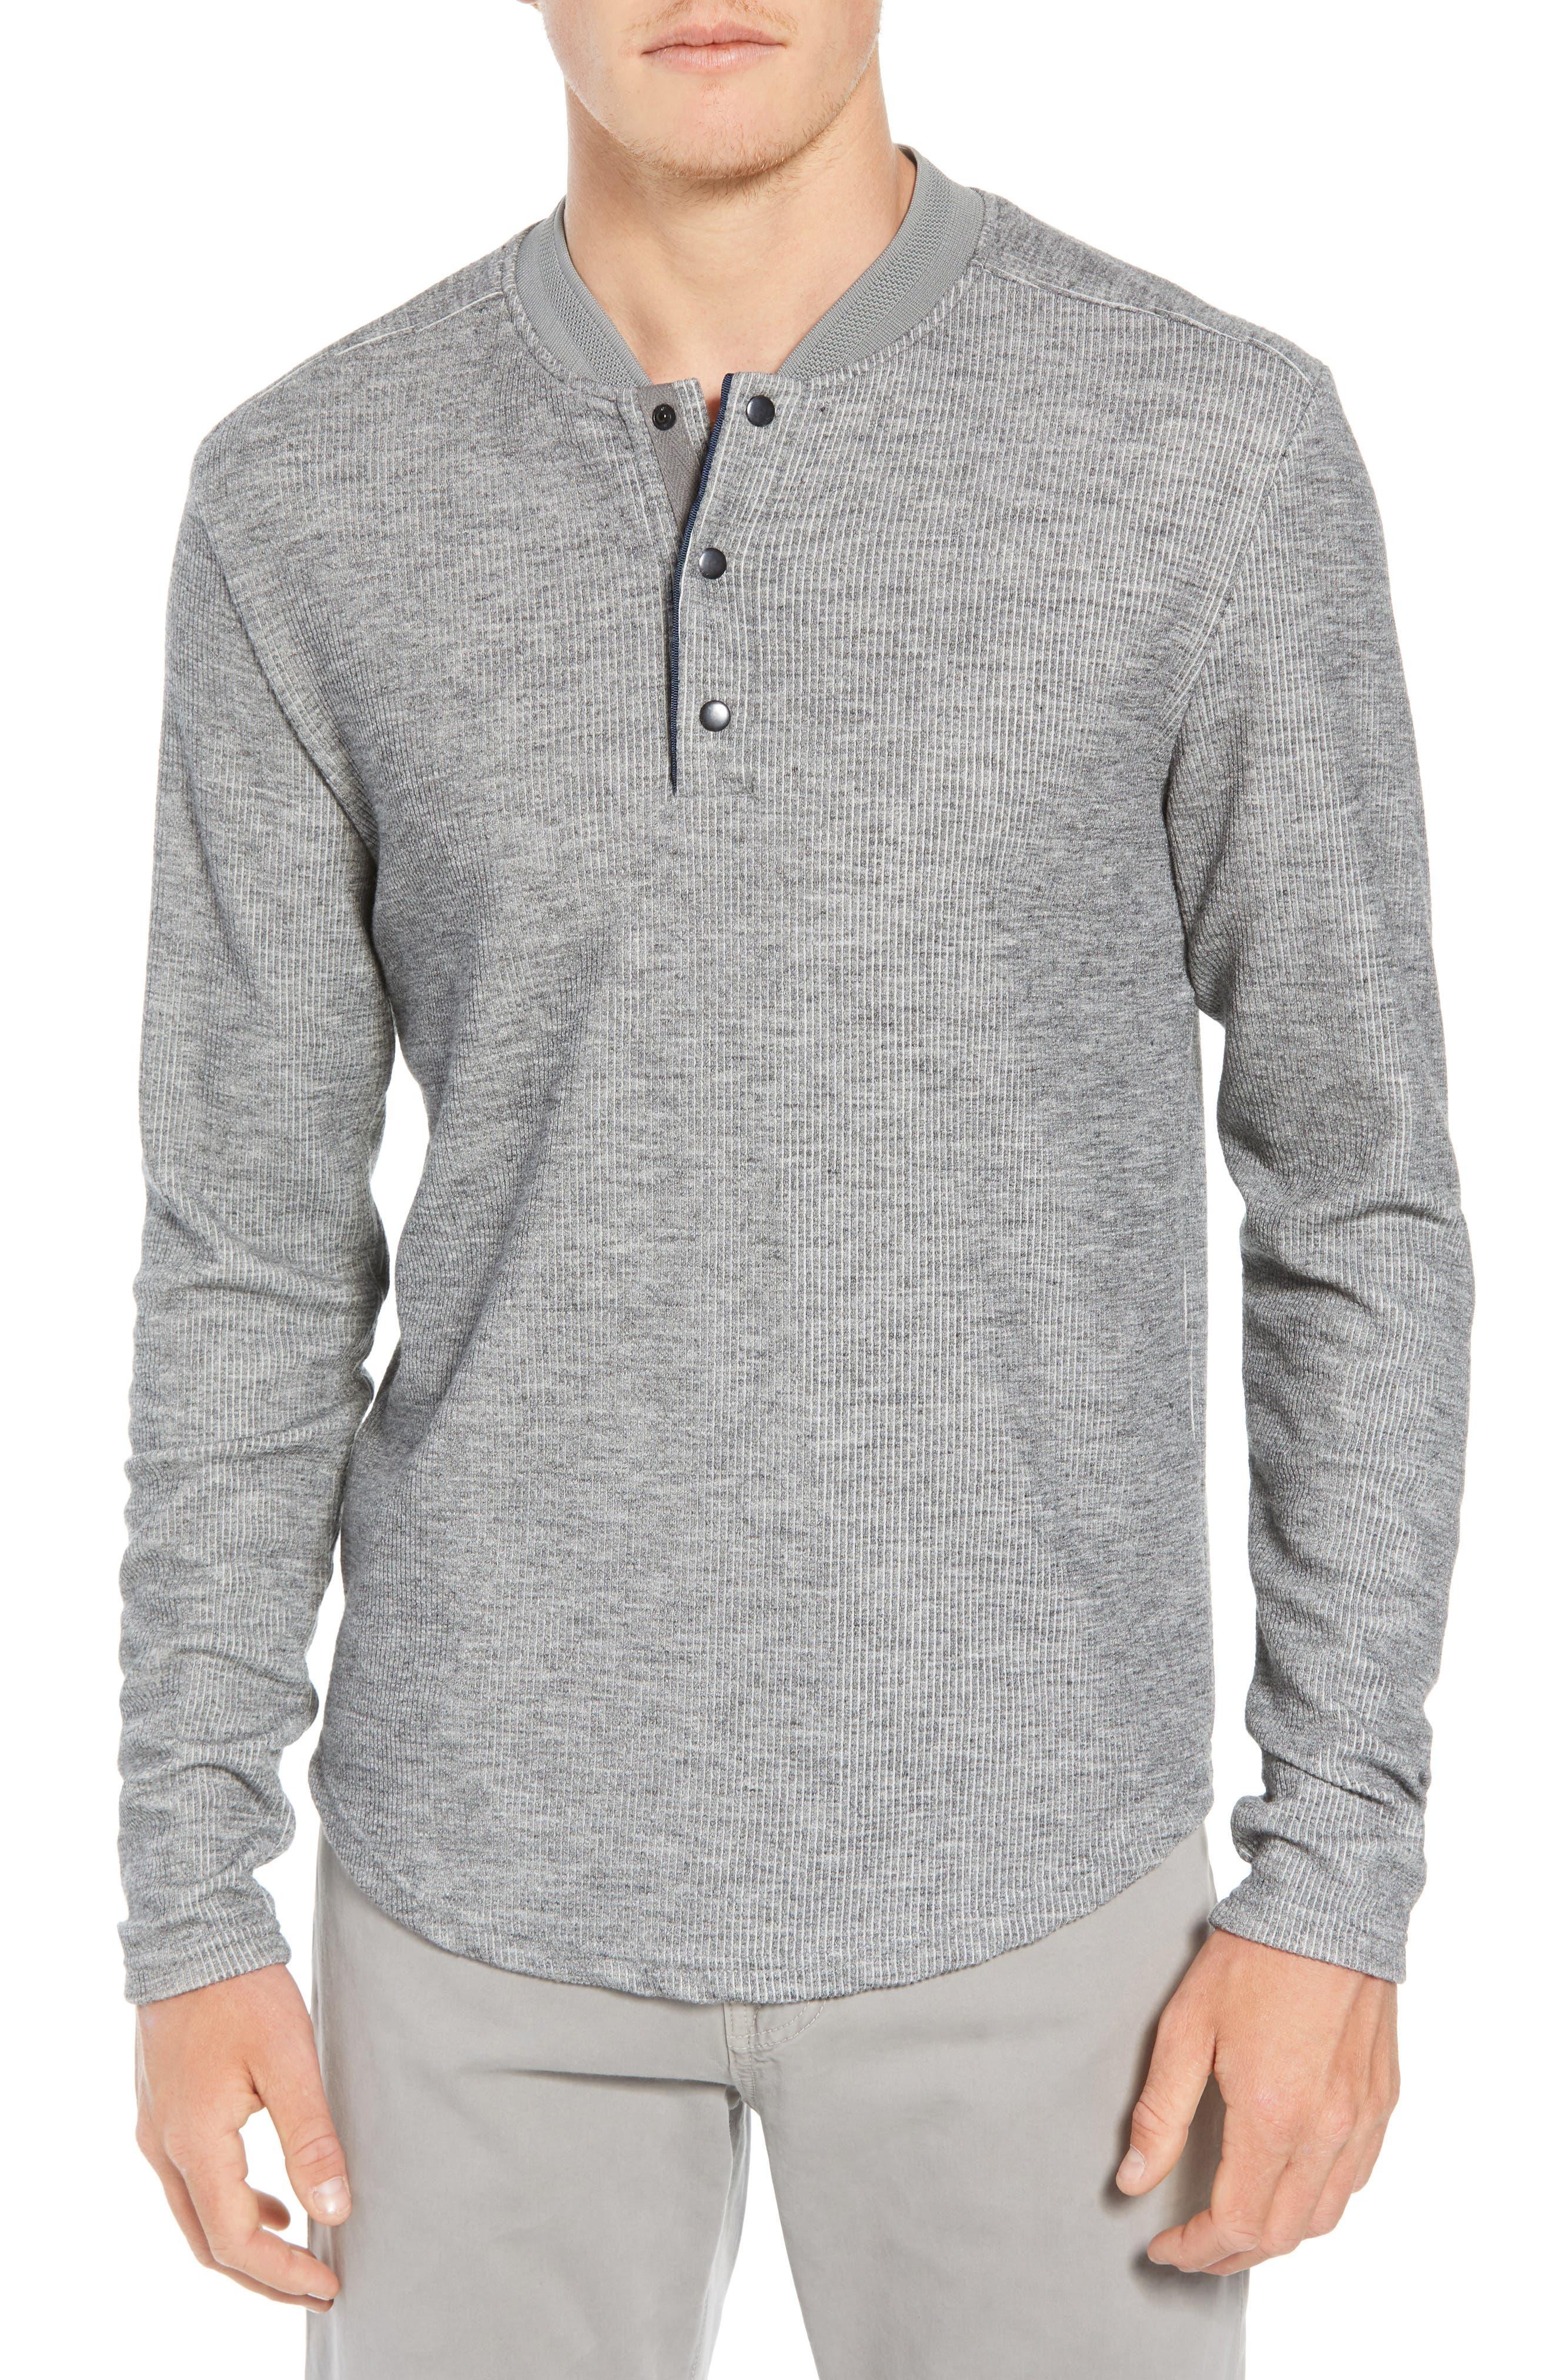 Charlie Rib Knit Henley Shirt,                             Main thumbnail 1, color,                             GREY